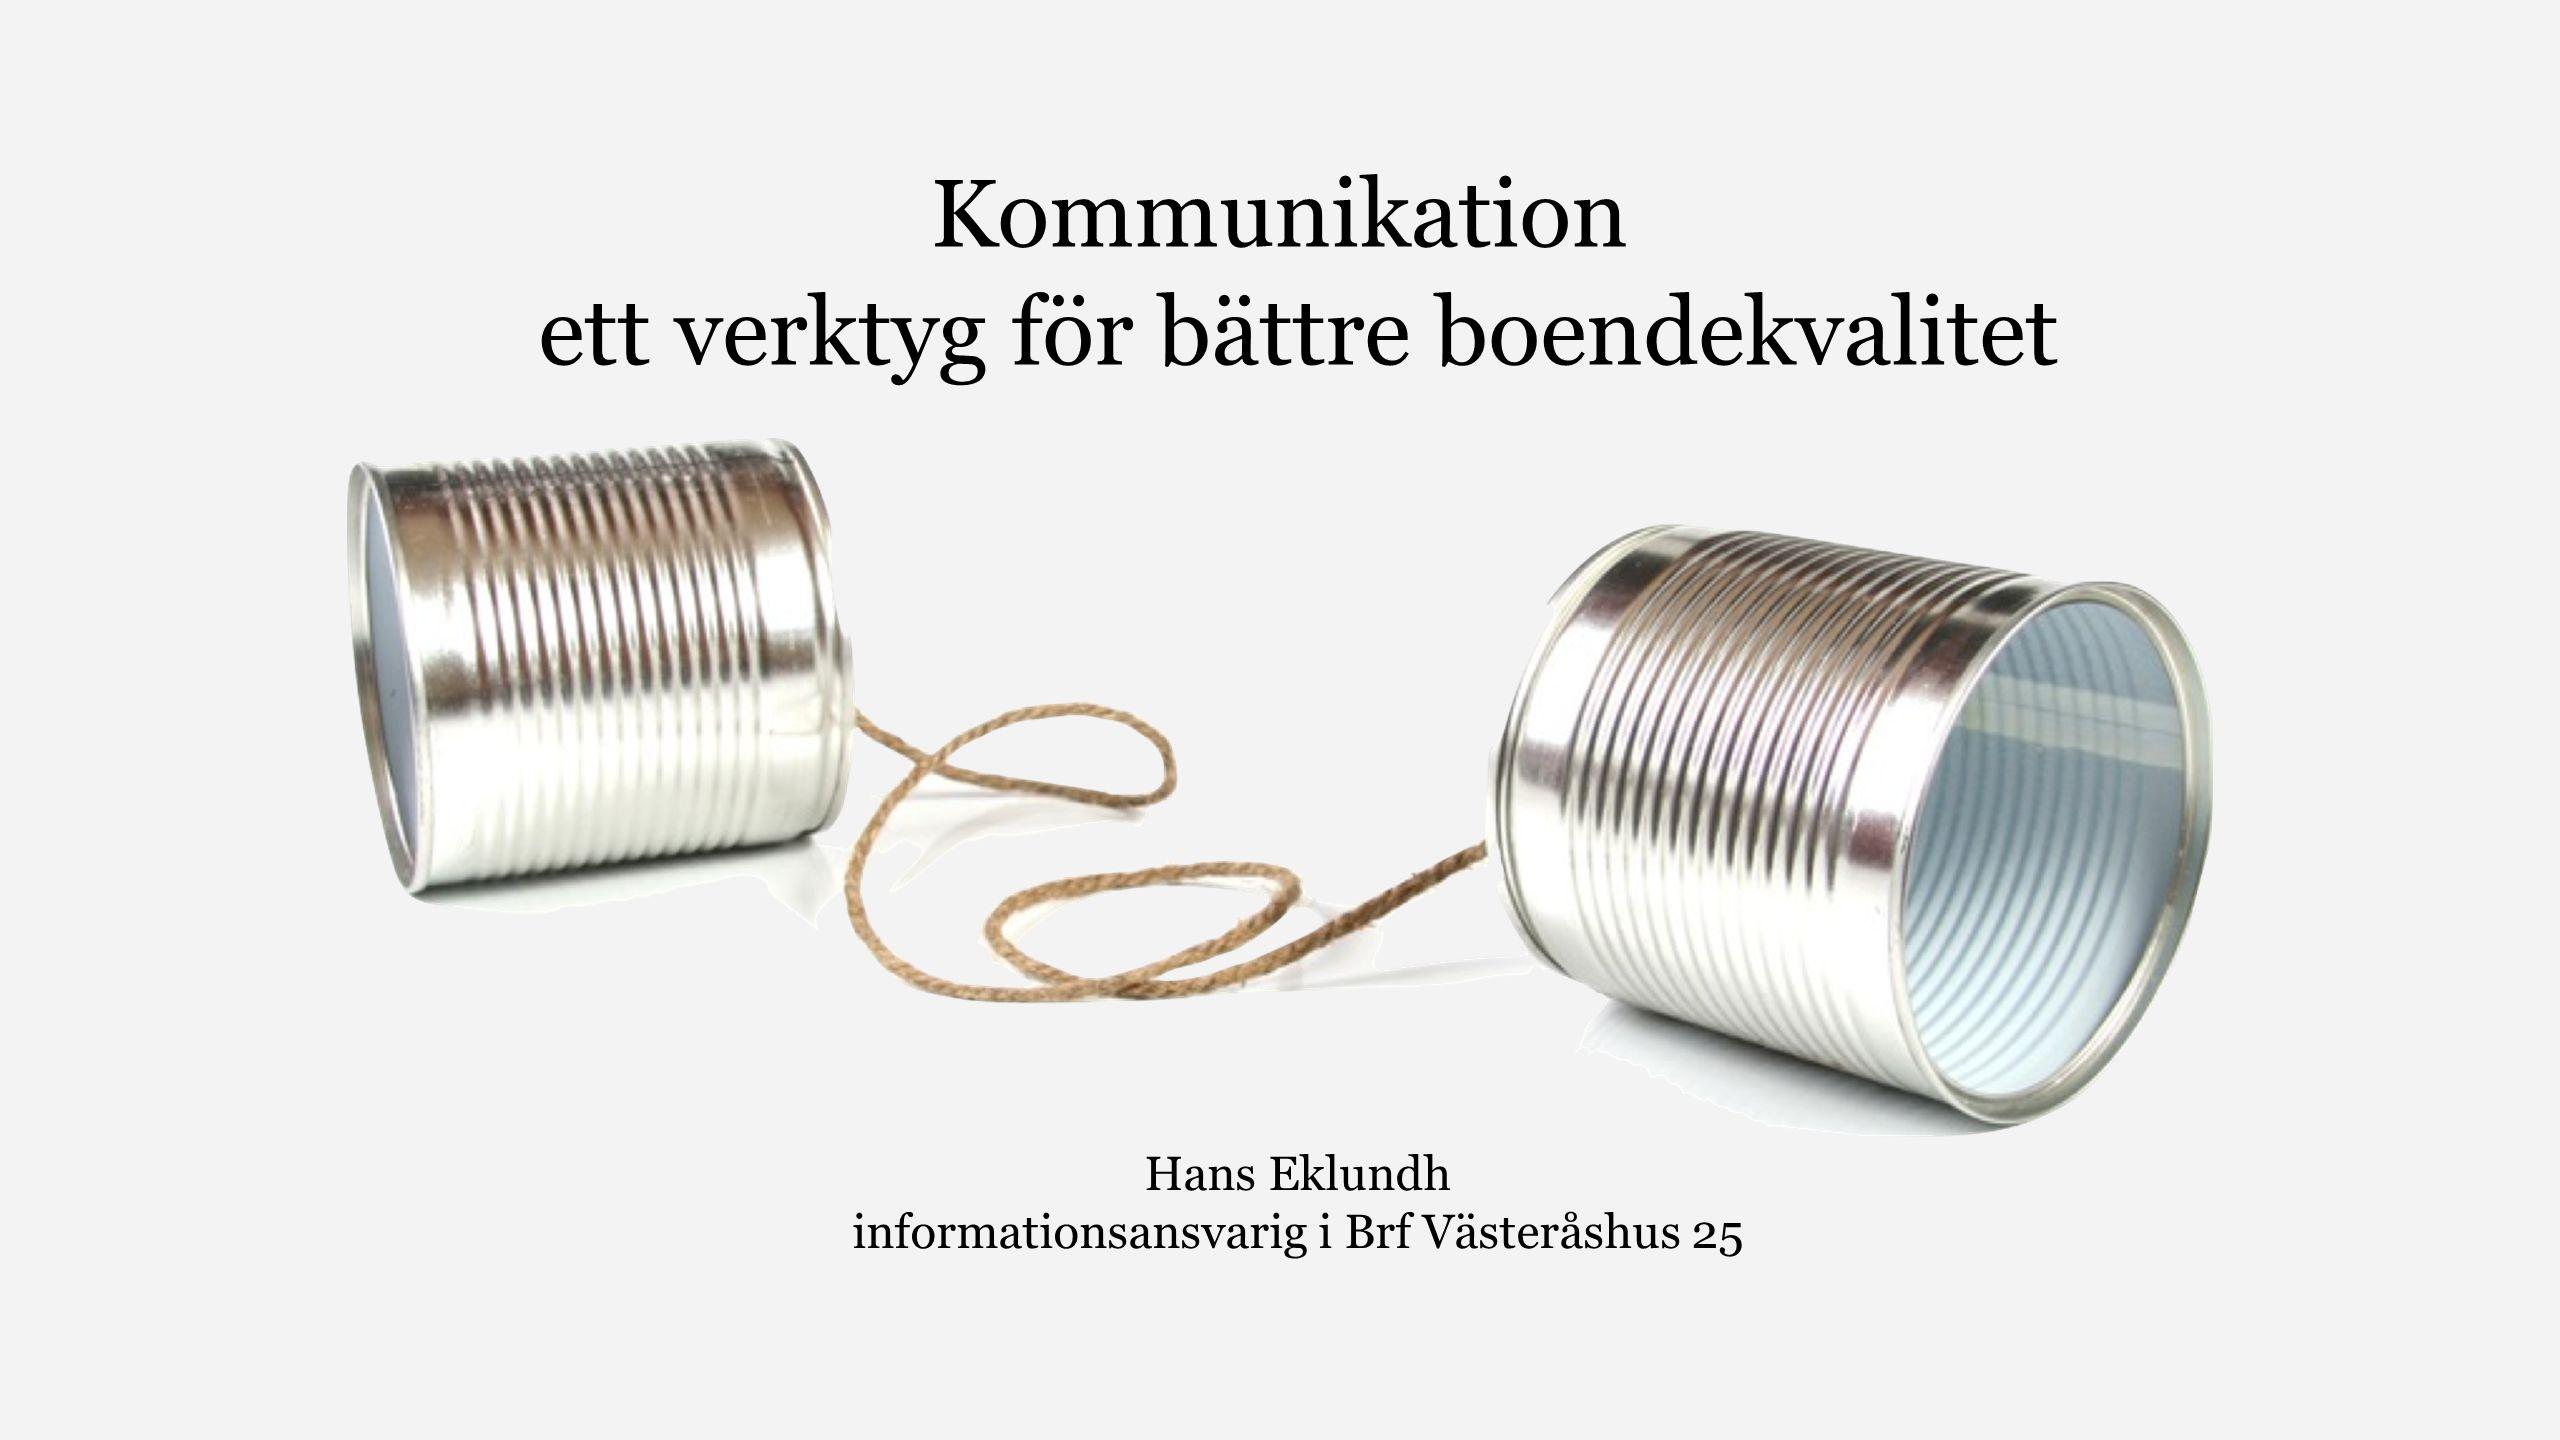 Information ett verktyg för bättre boendekvalitet Hans Eklundh informationsansvarig i Brf Västeråshus 25 Kommunikation